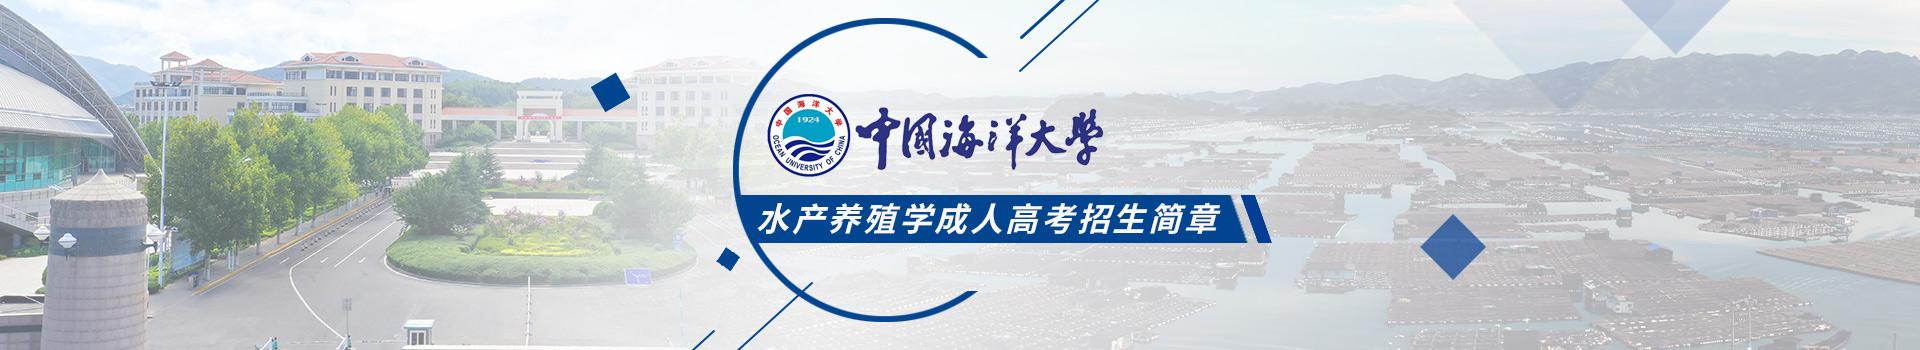 中国海洋大学成人高考招生简章